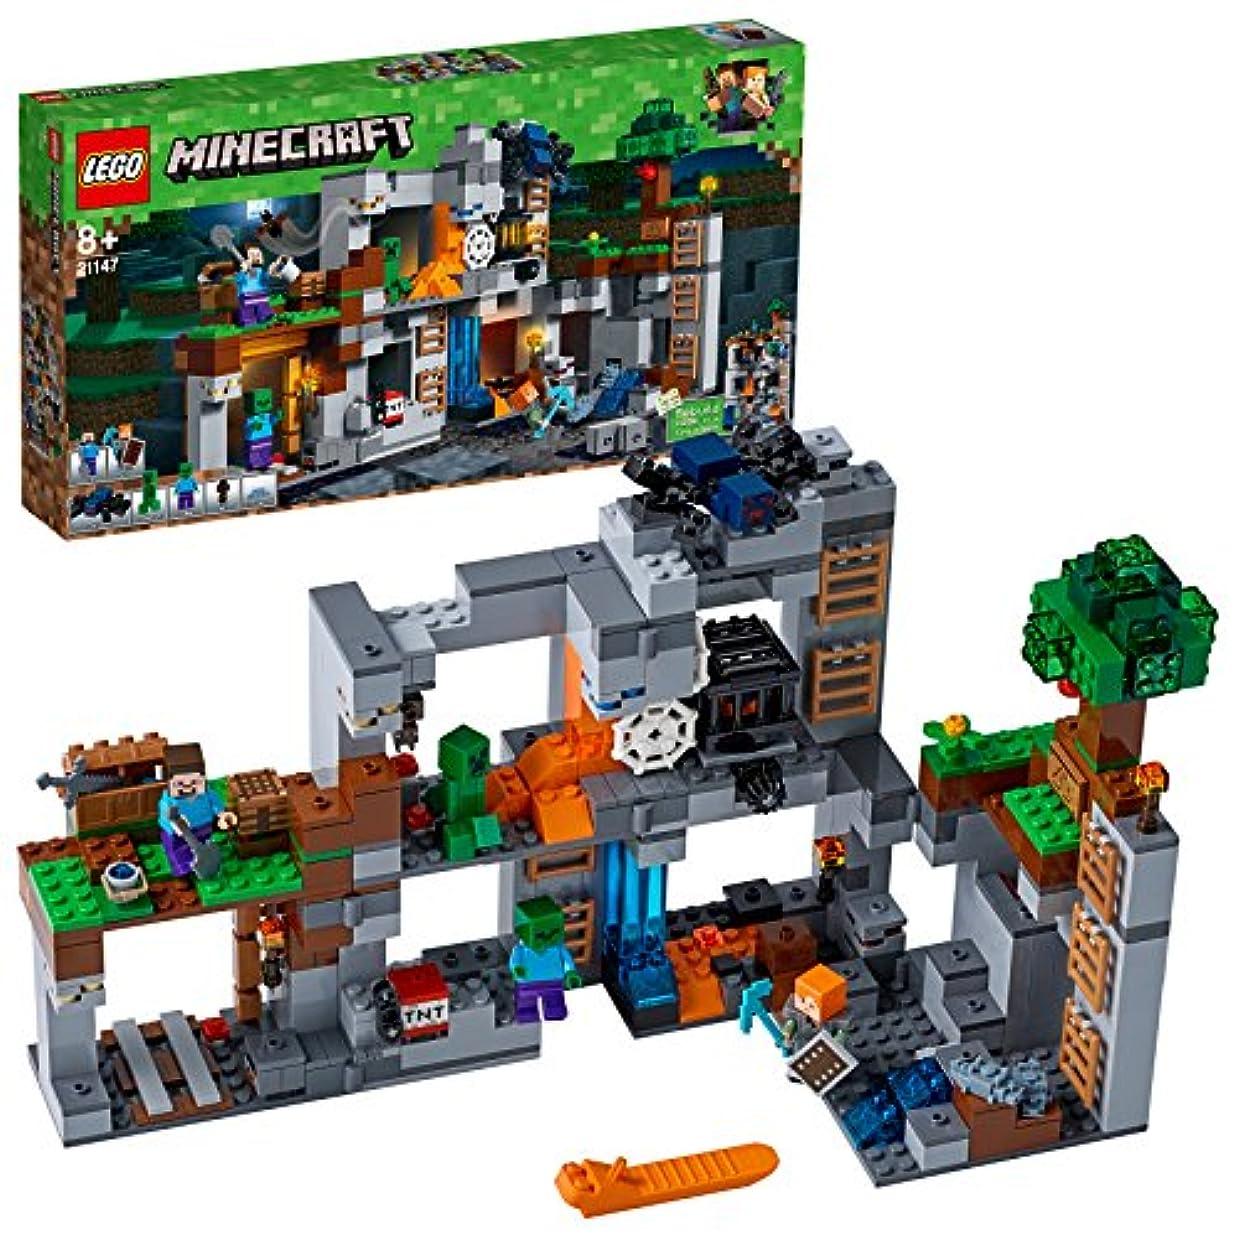 告発者保存する醸造所レゴ(LEGO)マインクラフト ベッドロックの冒険 21147 ブロック おもちゃ 男の子